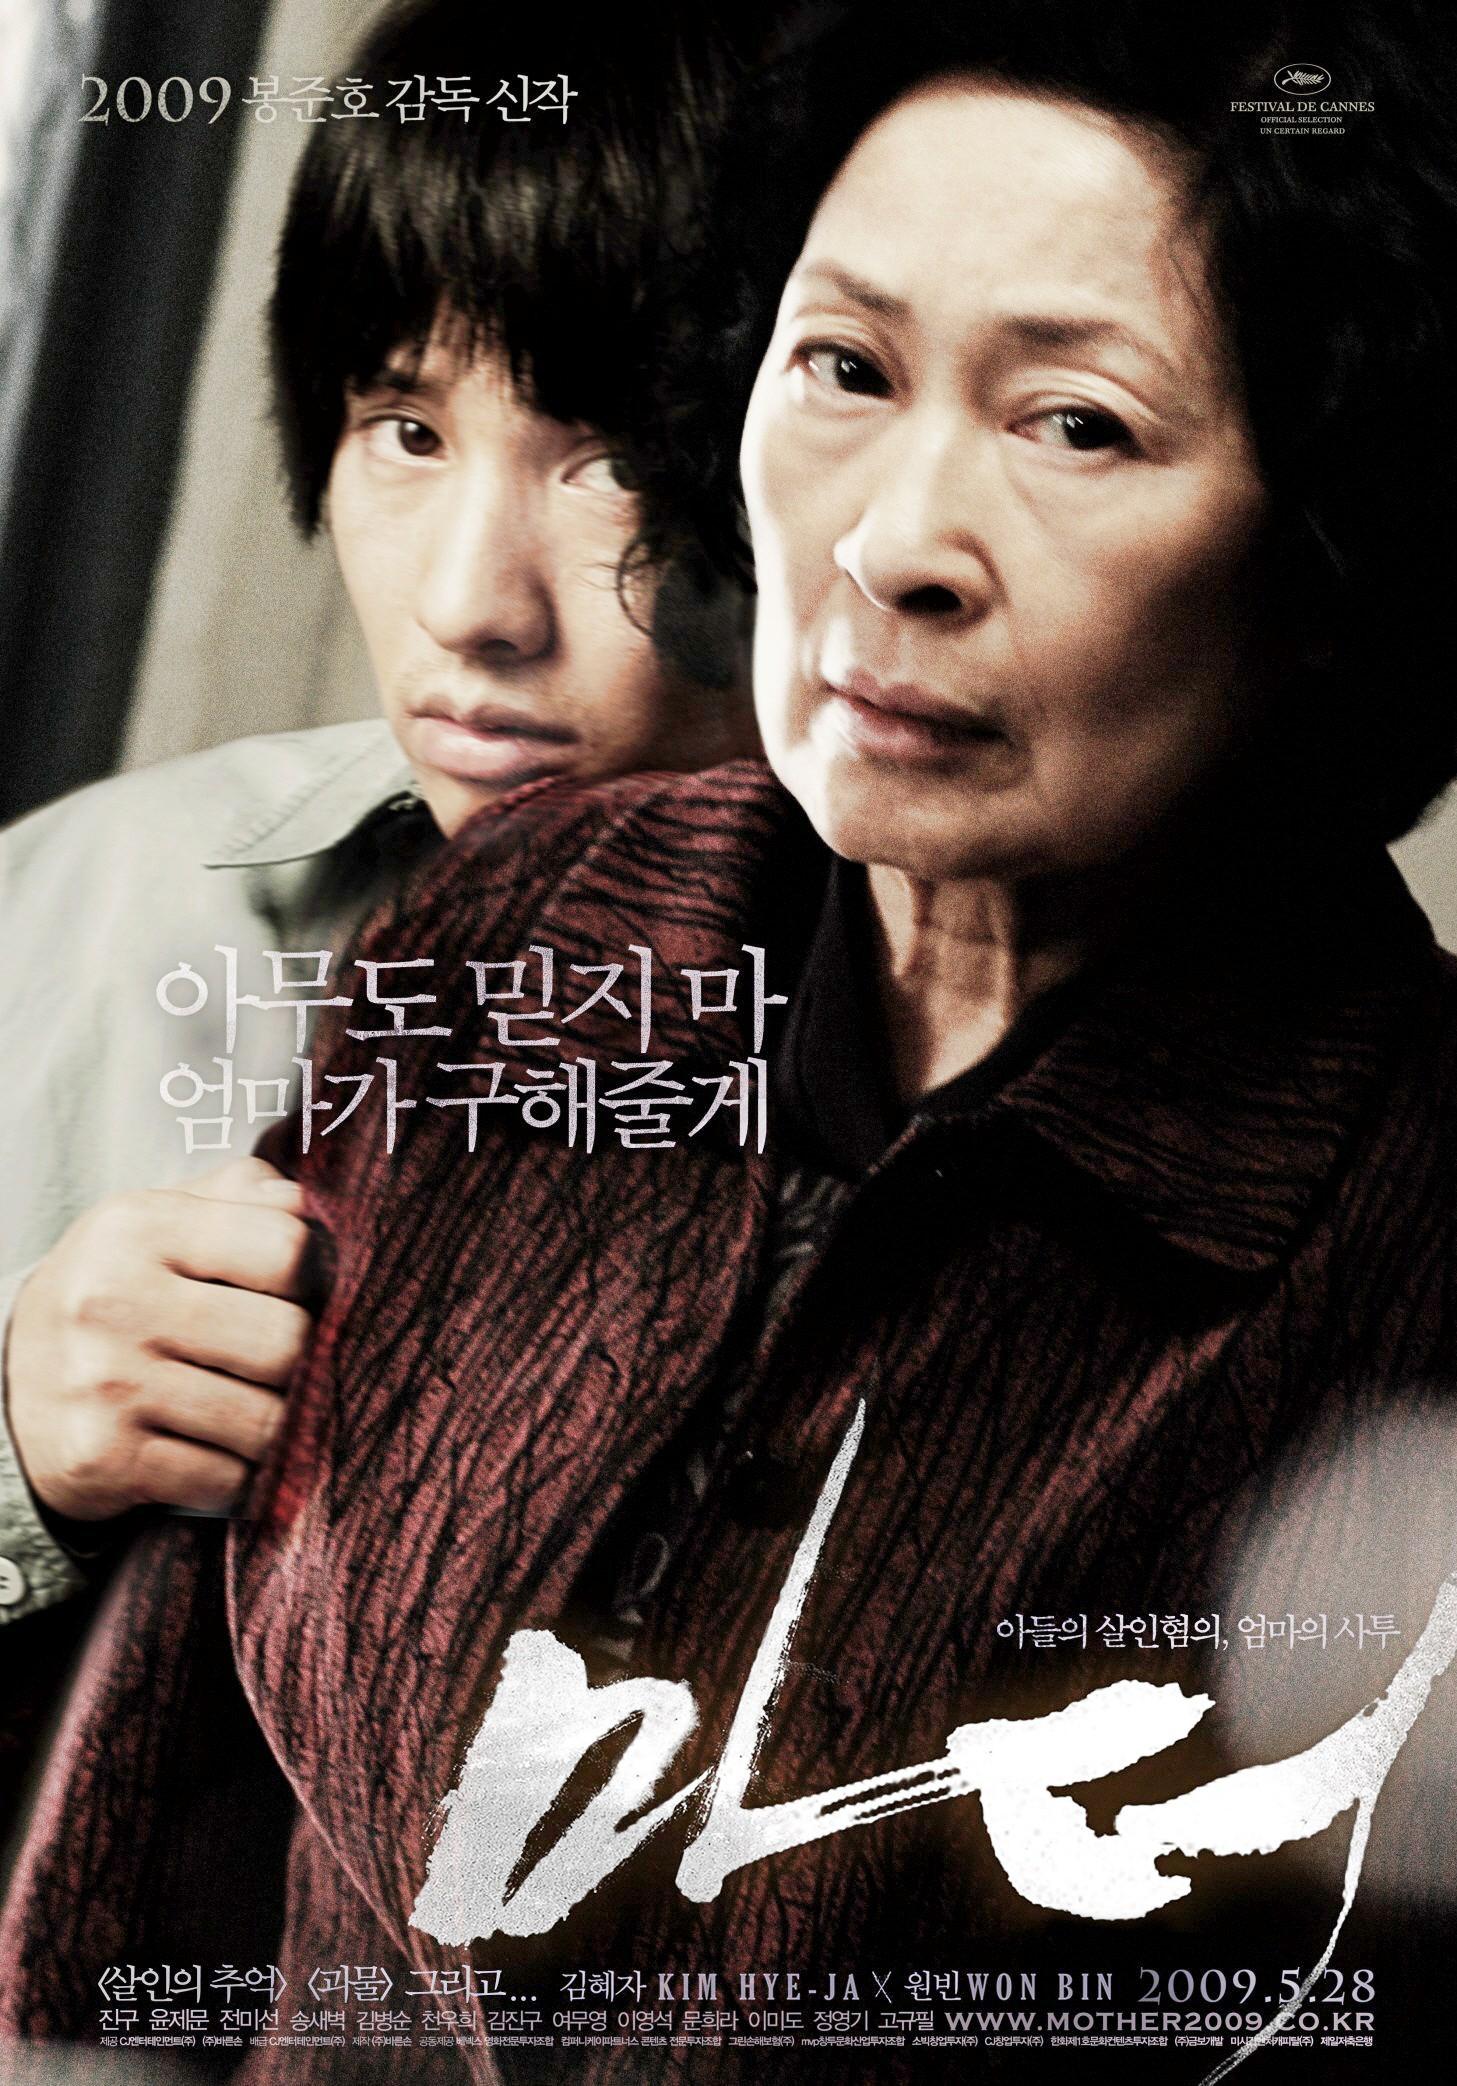 Vụ quấy rối tình dục chấn động Hàn Quốc: Won Bin bị réo gọi sau 10 năm im ắng, nữ diễn viên U80 nhập viện vì sốc - Ảnh 2.